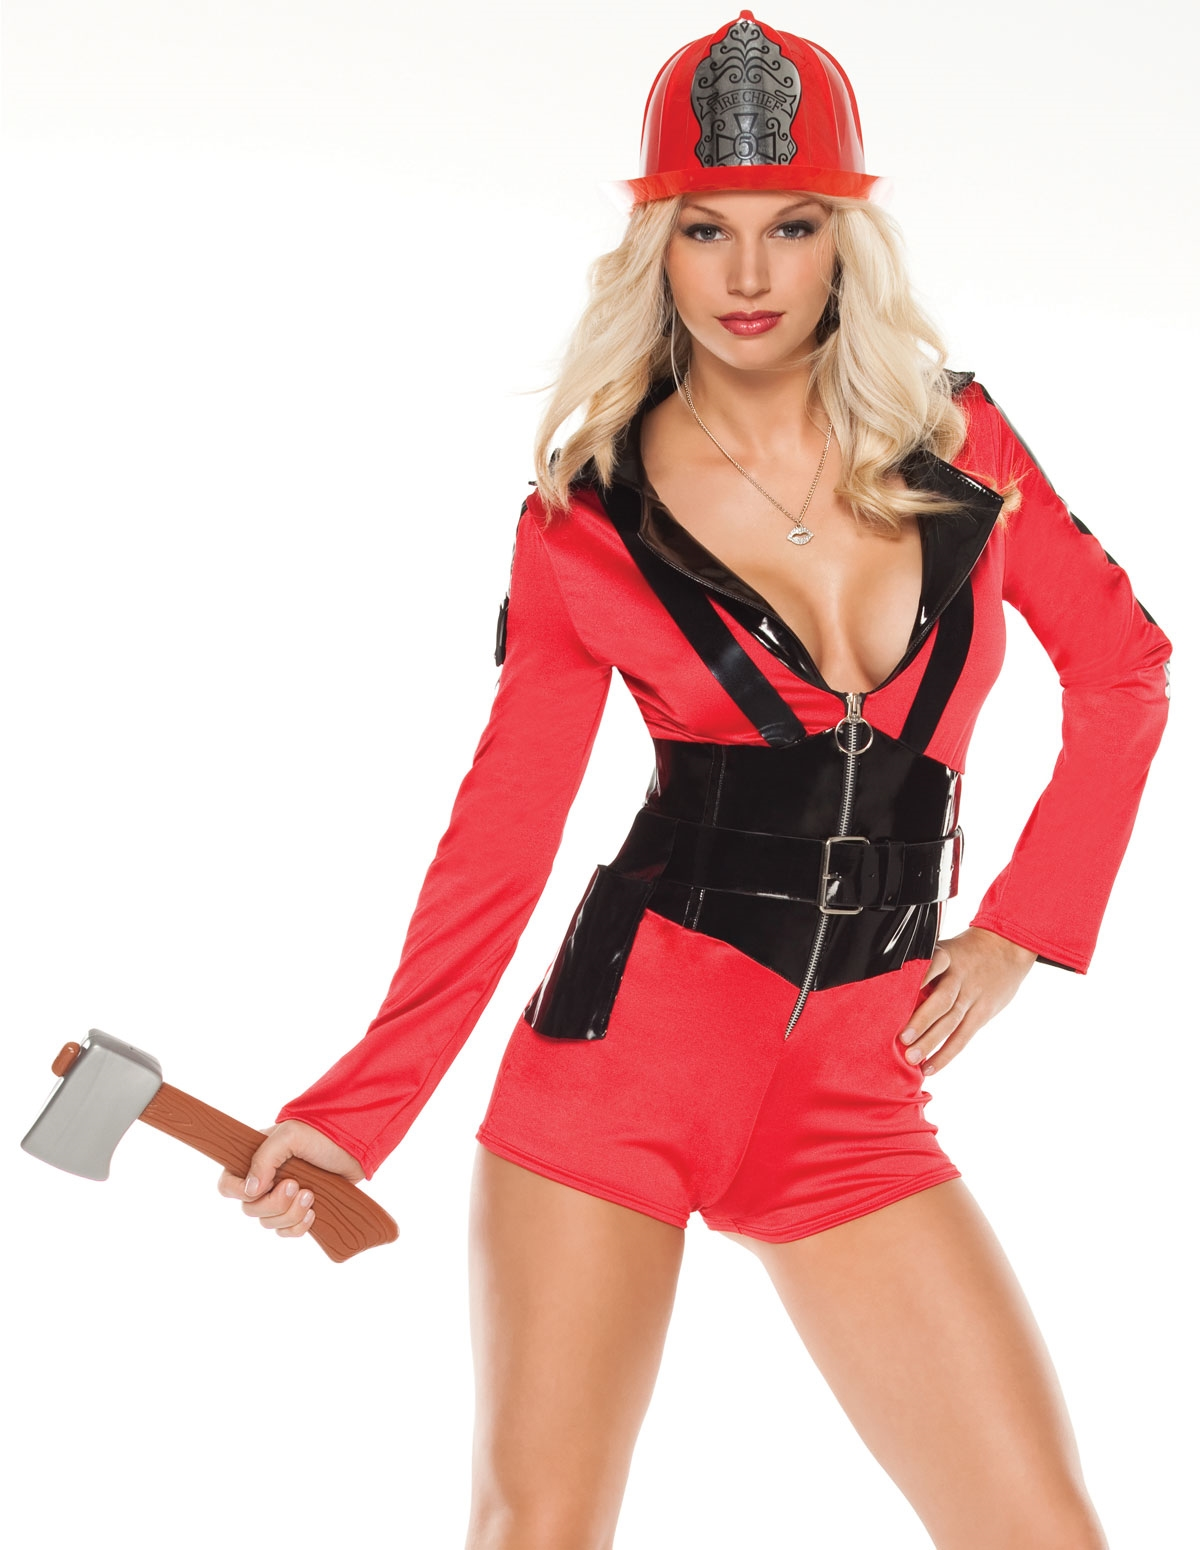 Firefighter Girl Costume